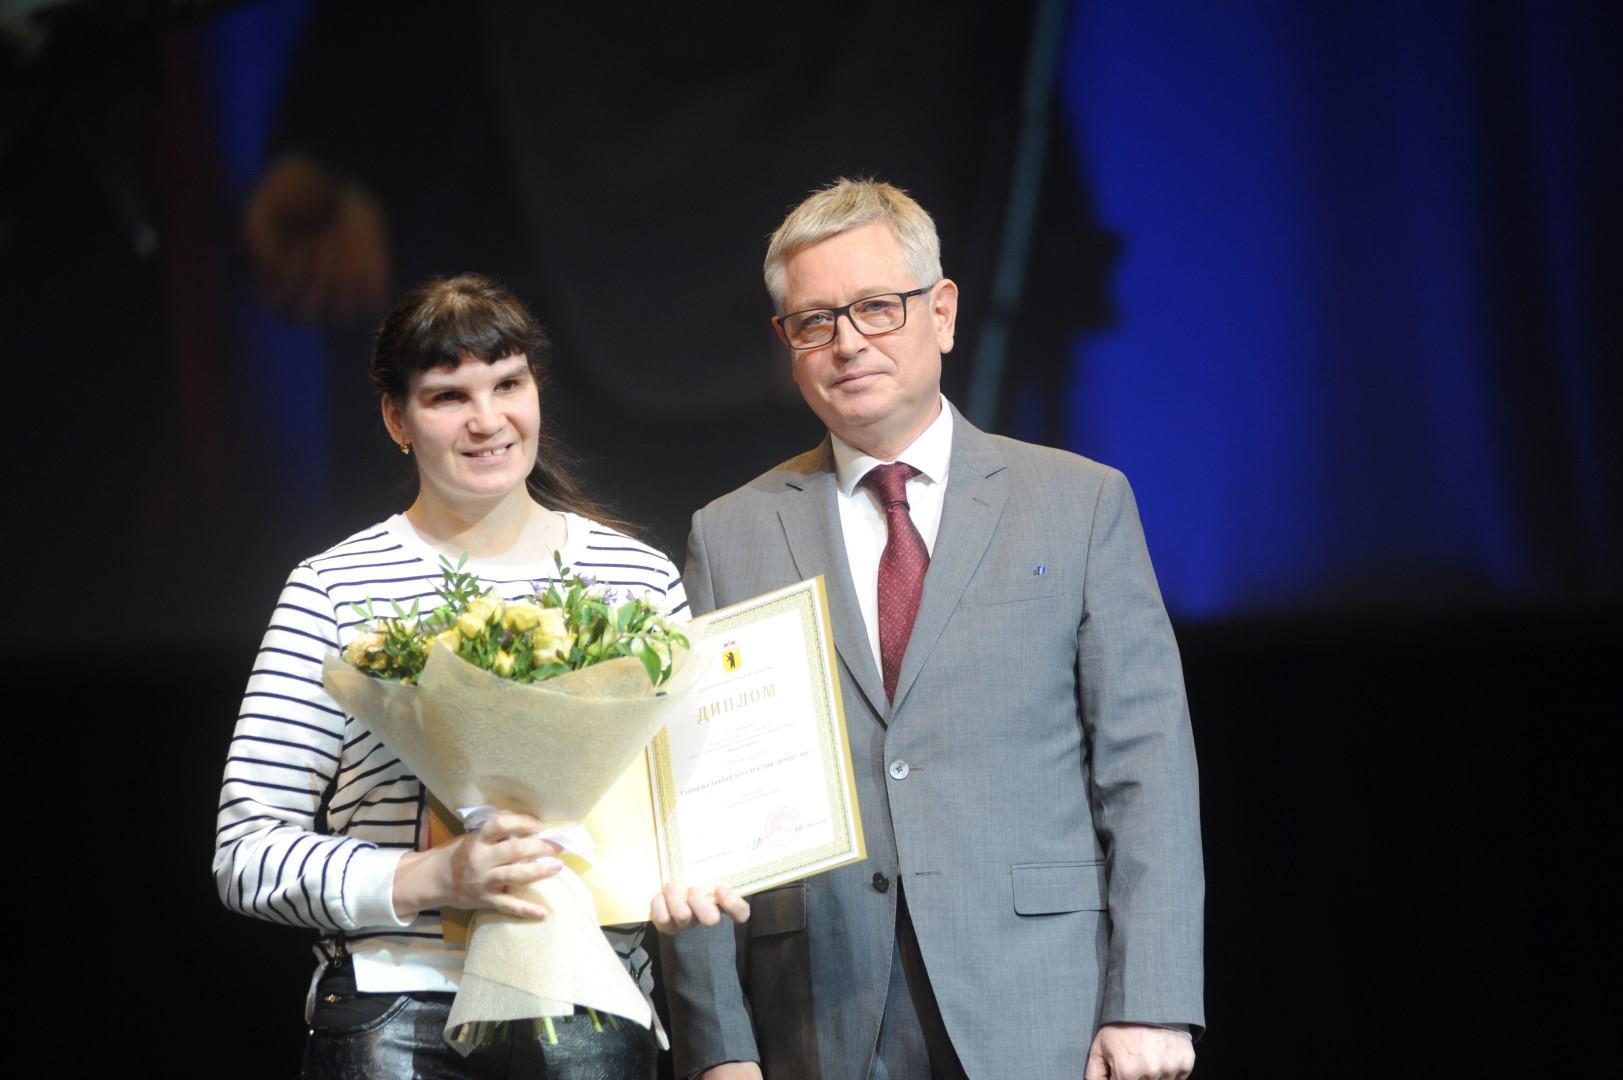 Победители конкурса для инвалидов «Преодоление» получили губернаторские премии